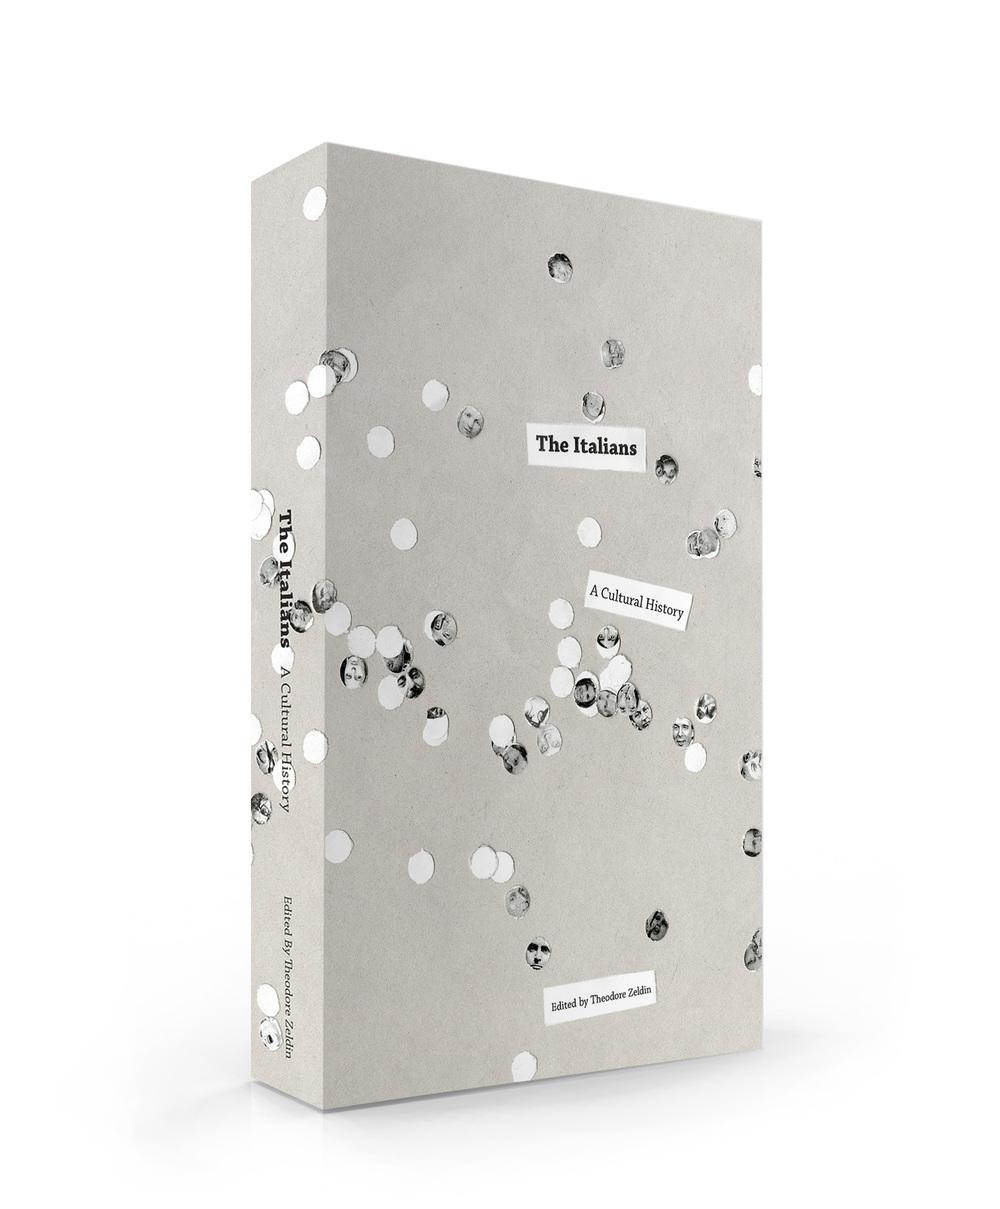 bookcoverside3.jpg